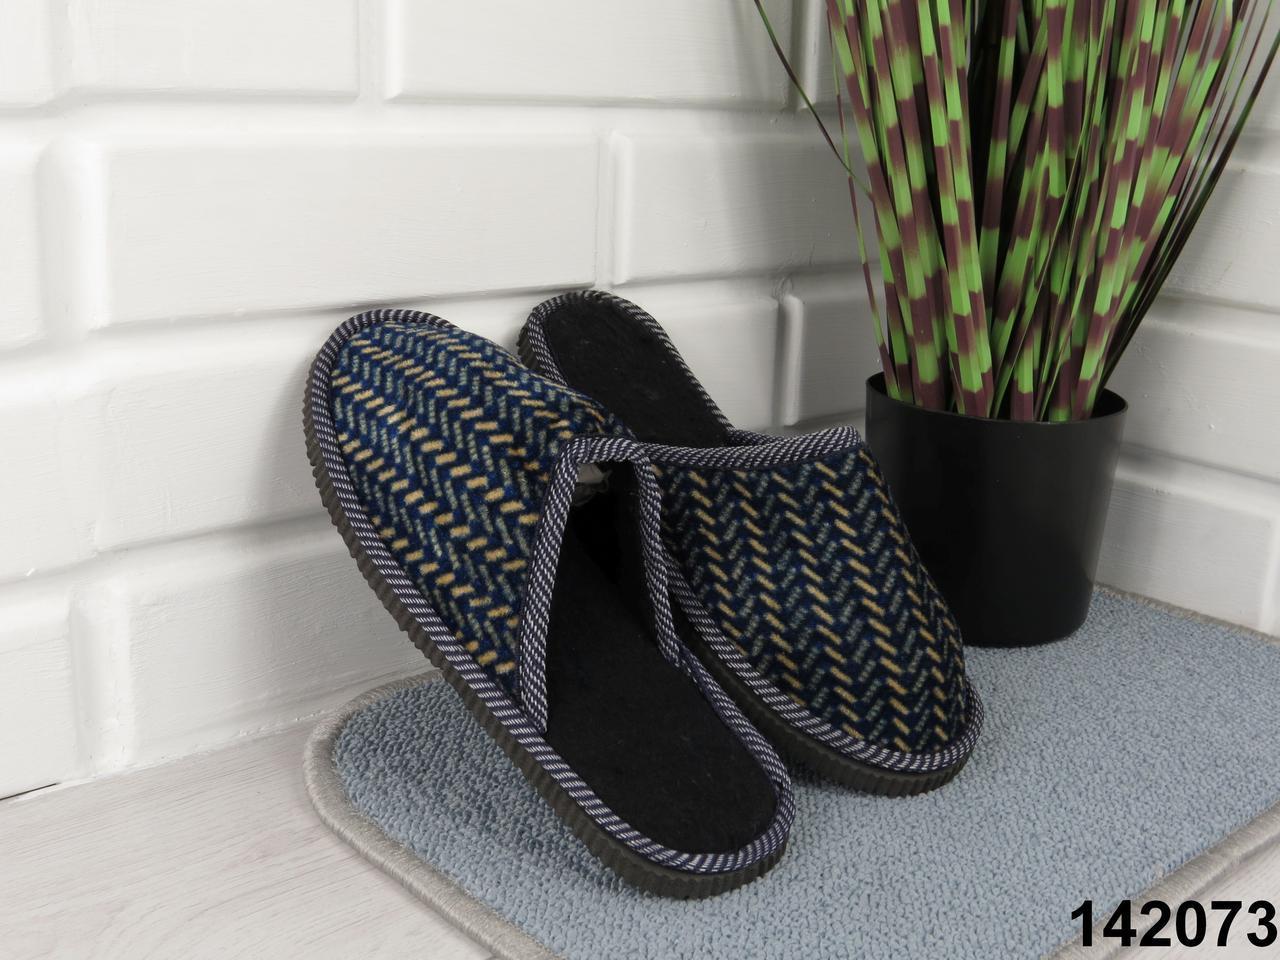 """Тапки домашние, комнатные шлепки мужские, разные цвета """"Henry"""" текстильные, повседневная удобная мужская обувь"""